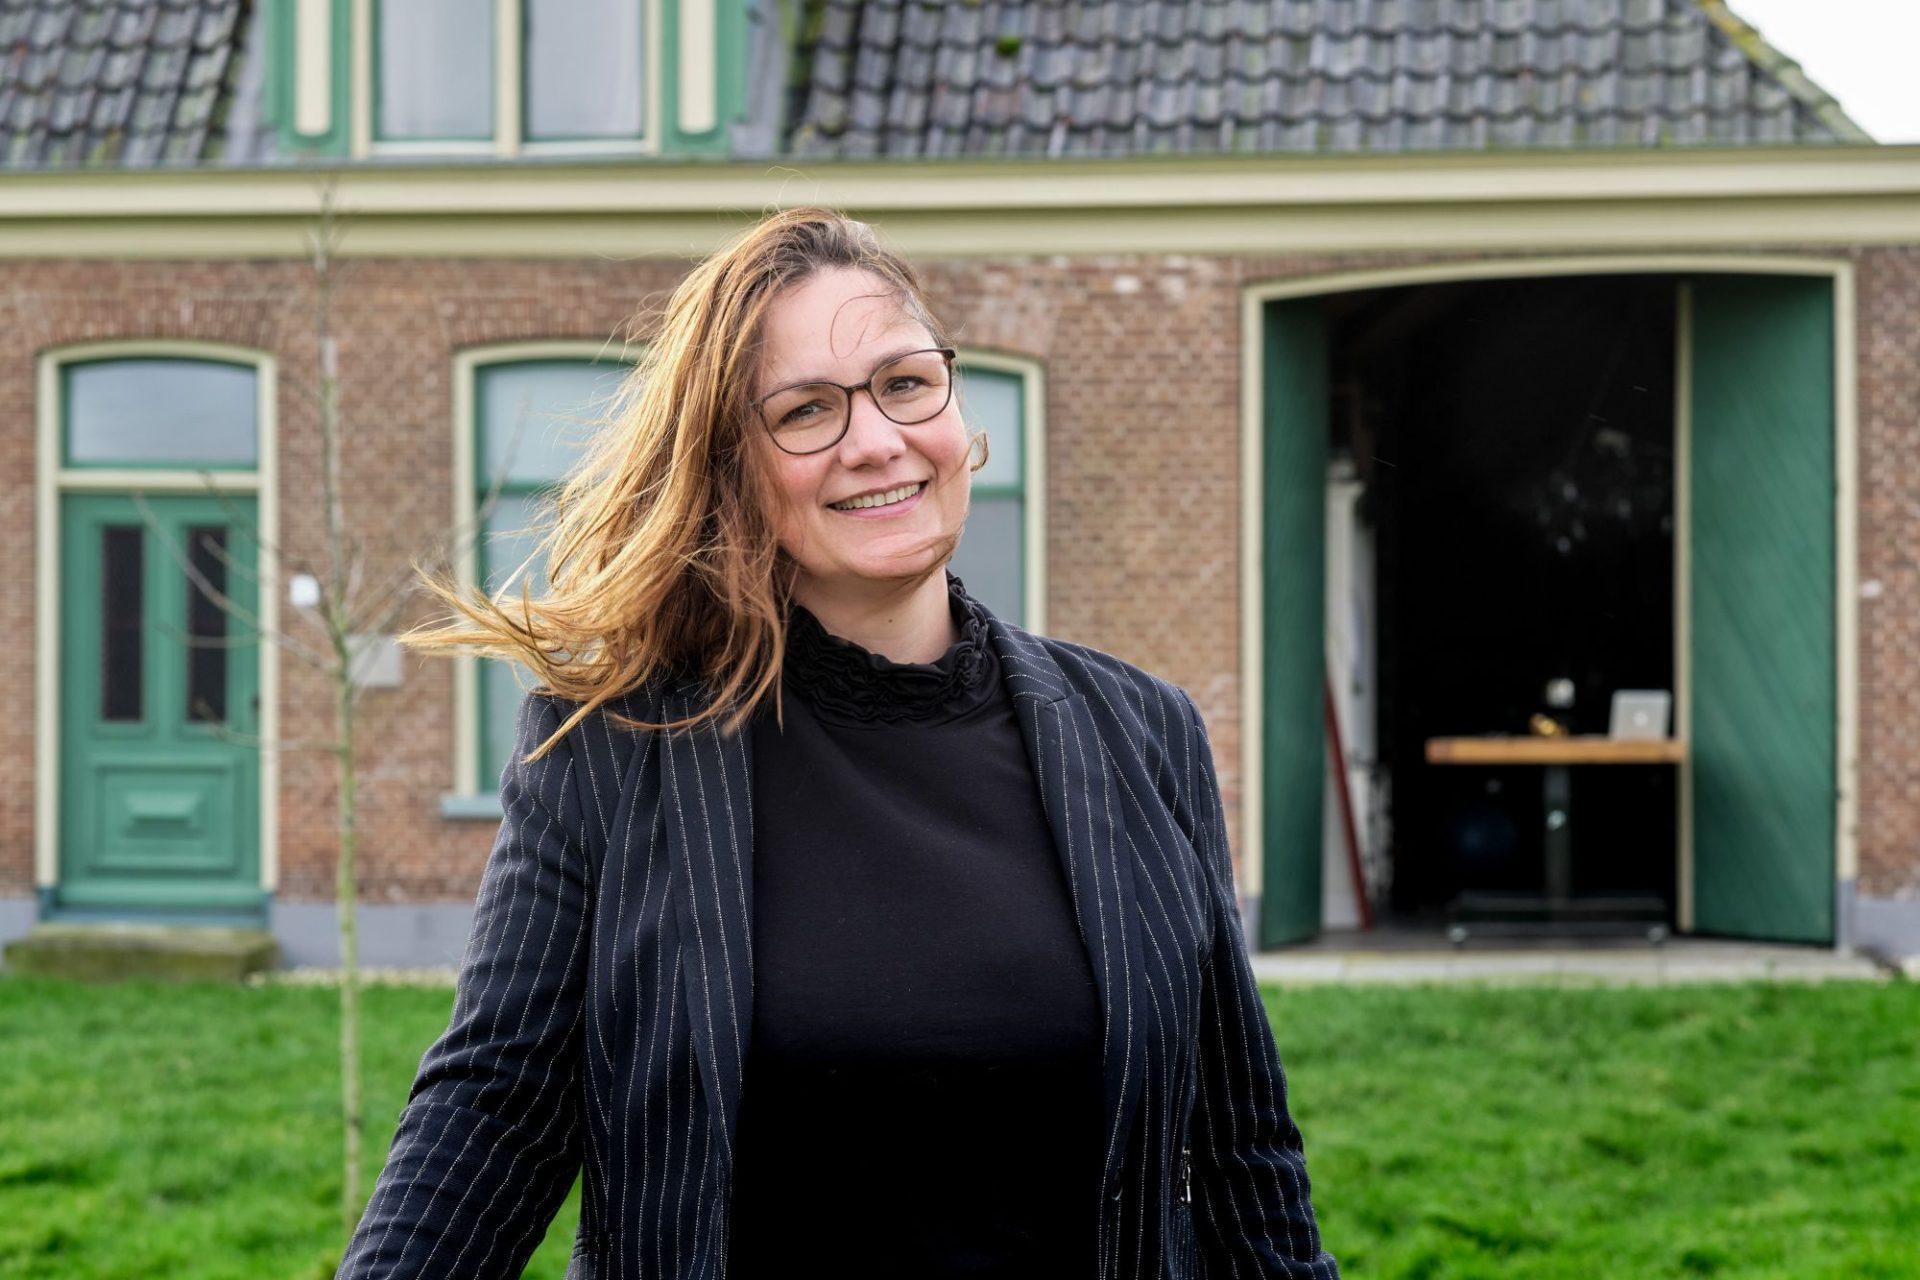 NOM Drijfveren: Sociaal Uitzenbureau Templer wil winst voor iedereen